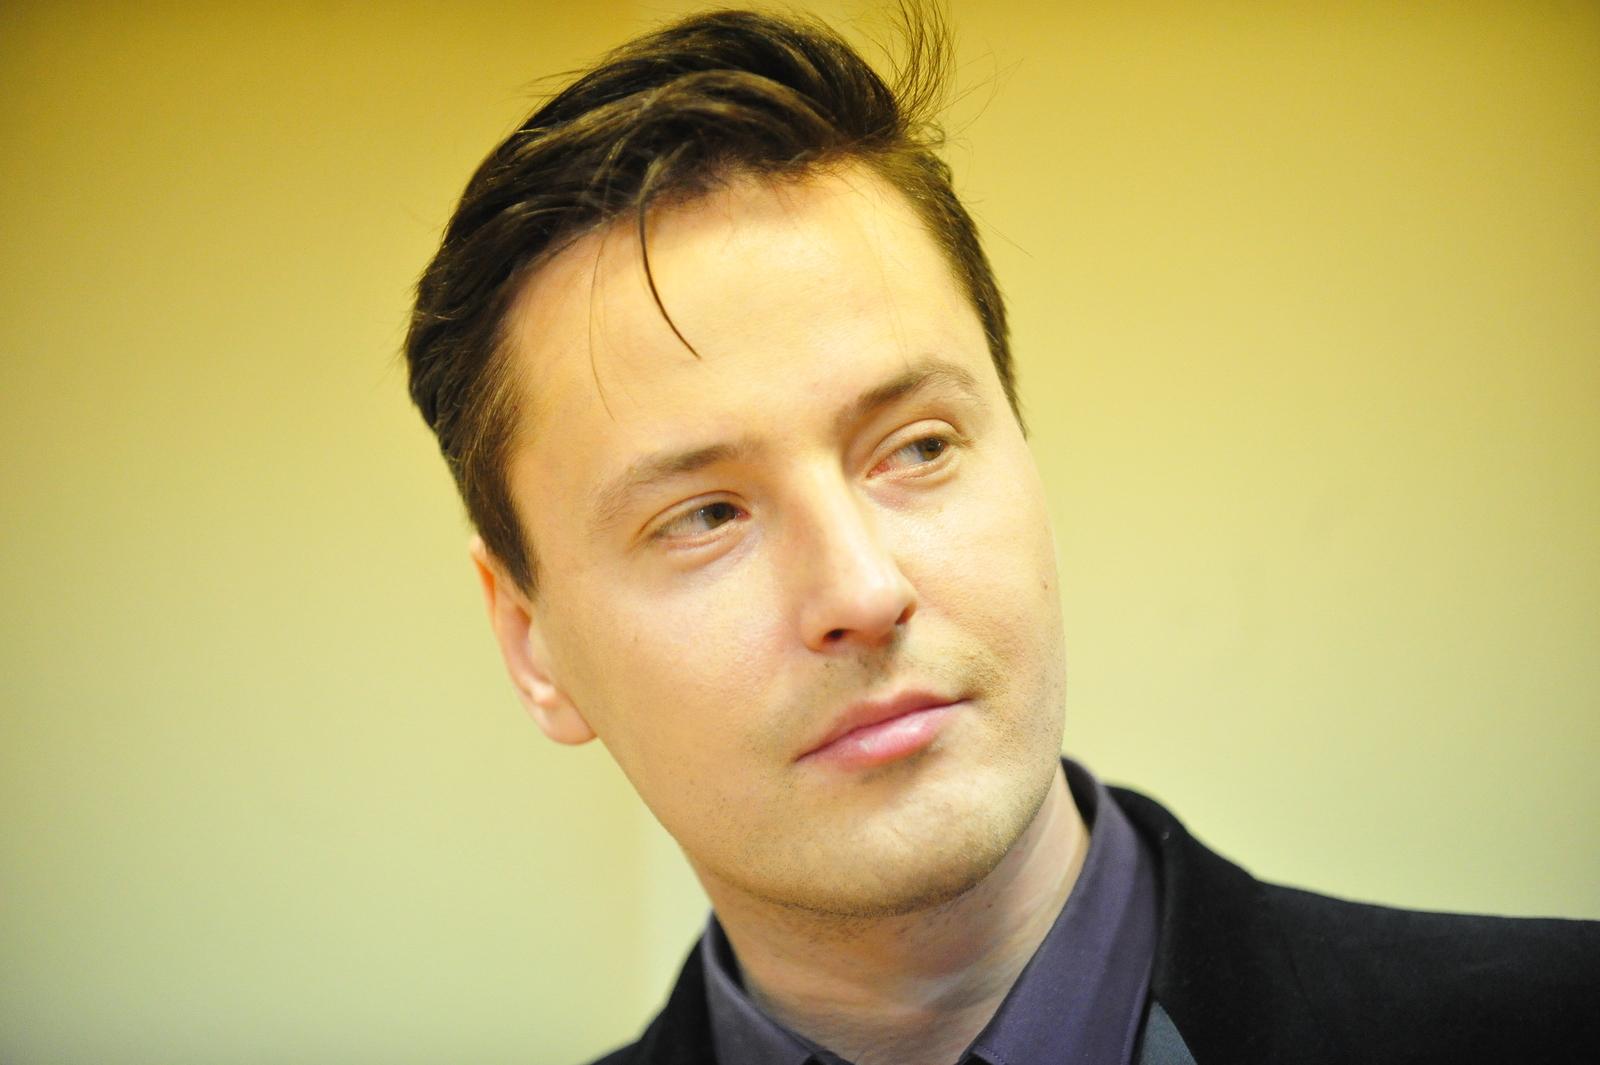 Информация об инциденте с участием певца Витаса появилась вечером 21 марта